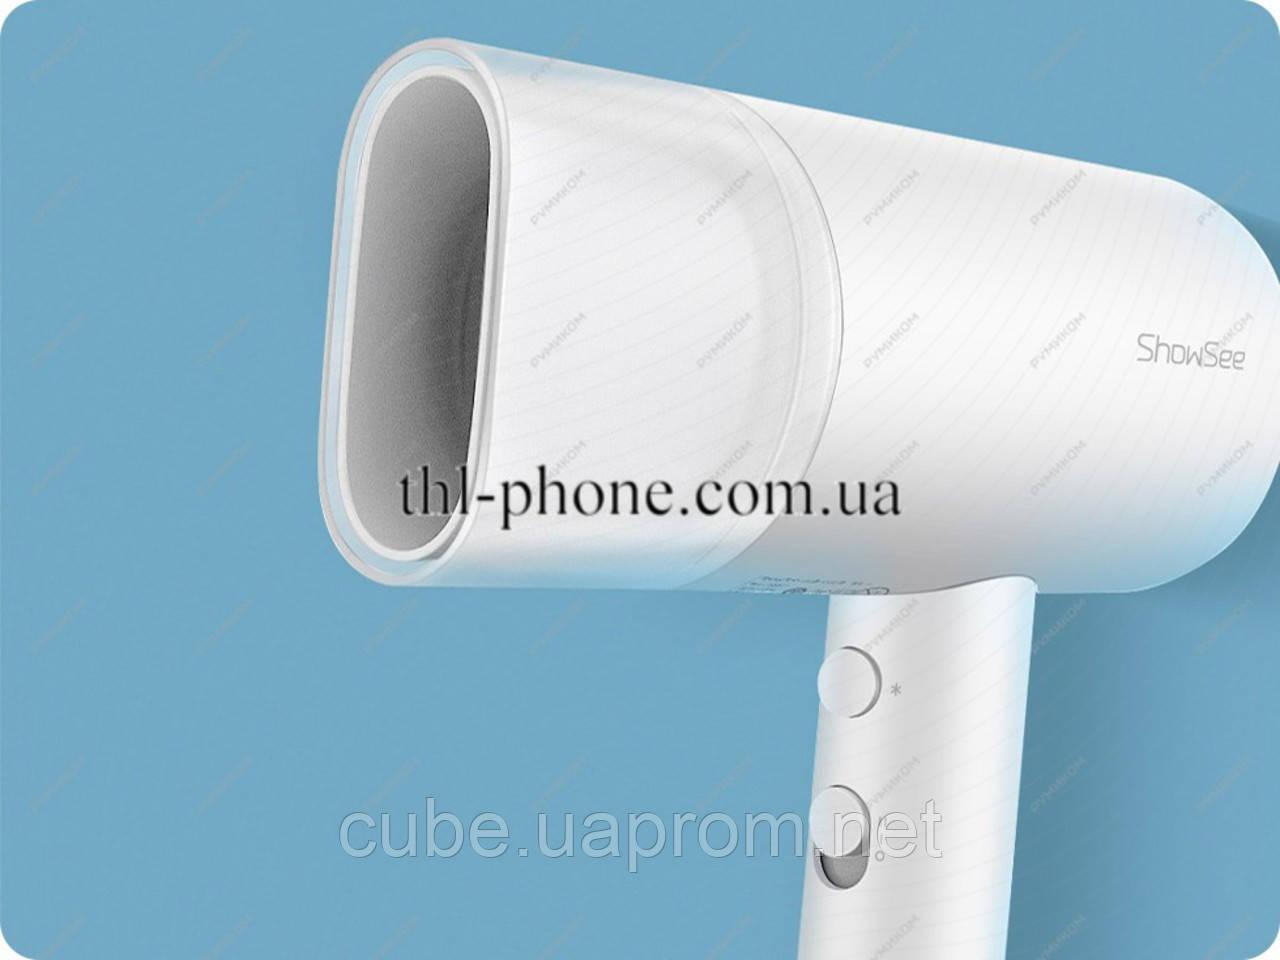 Акция Фен Xiaomi ShowSee A1-W xiaoshi hair dryer